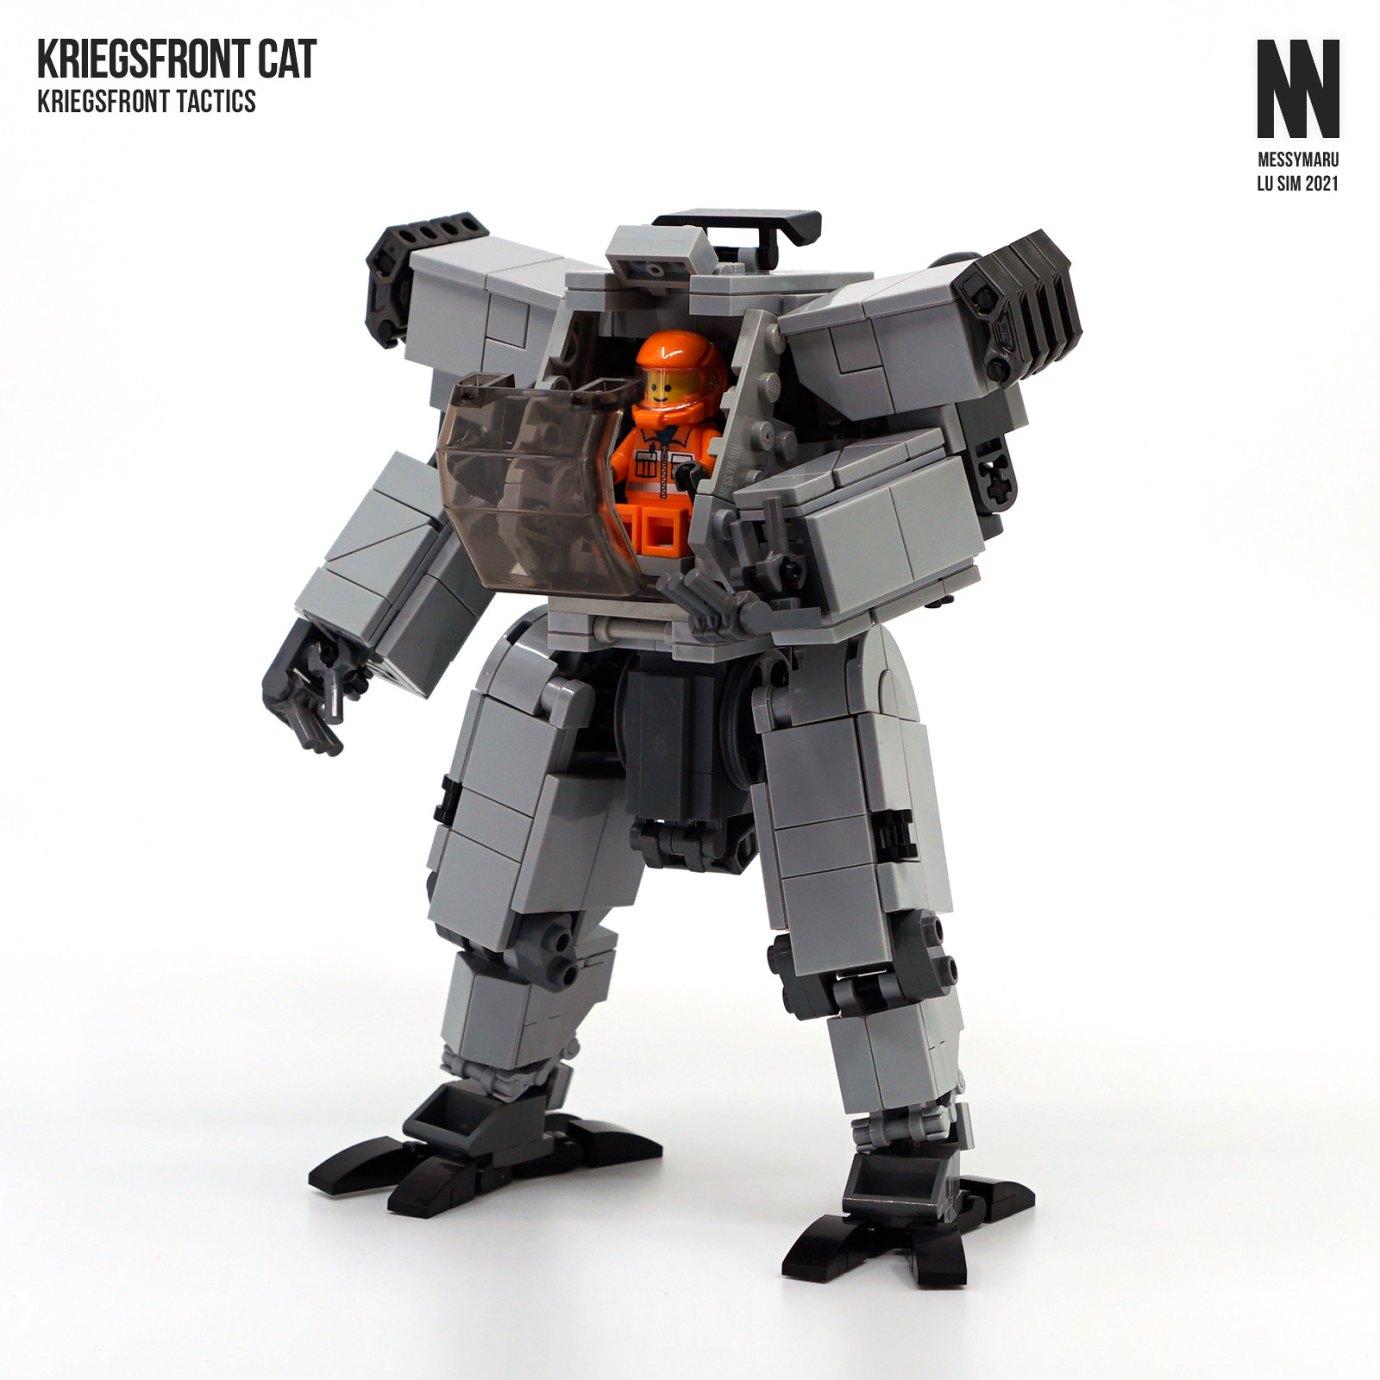 Kriegsfront CAT